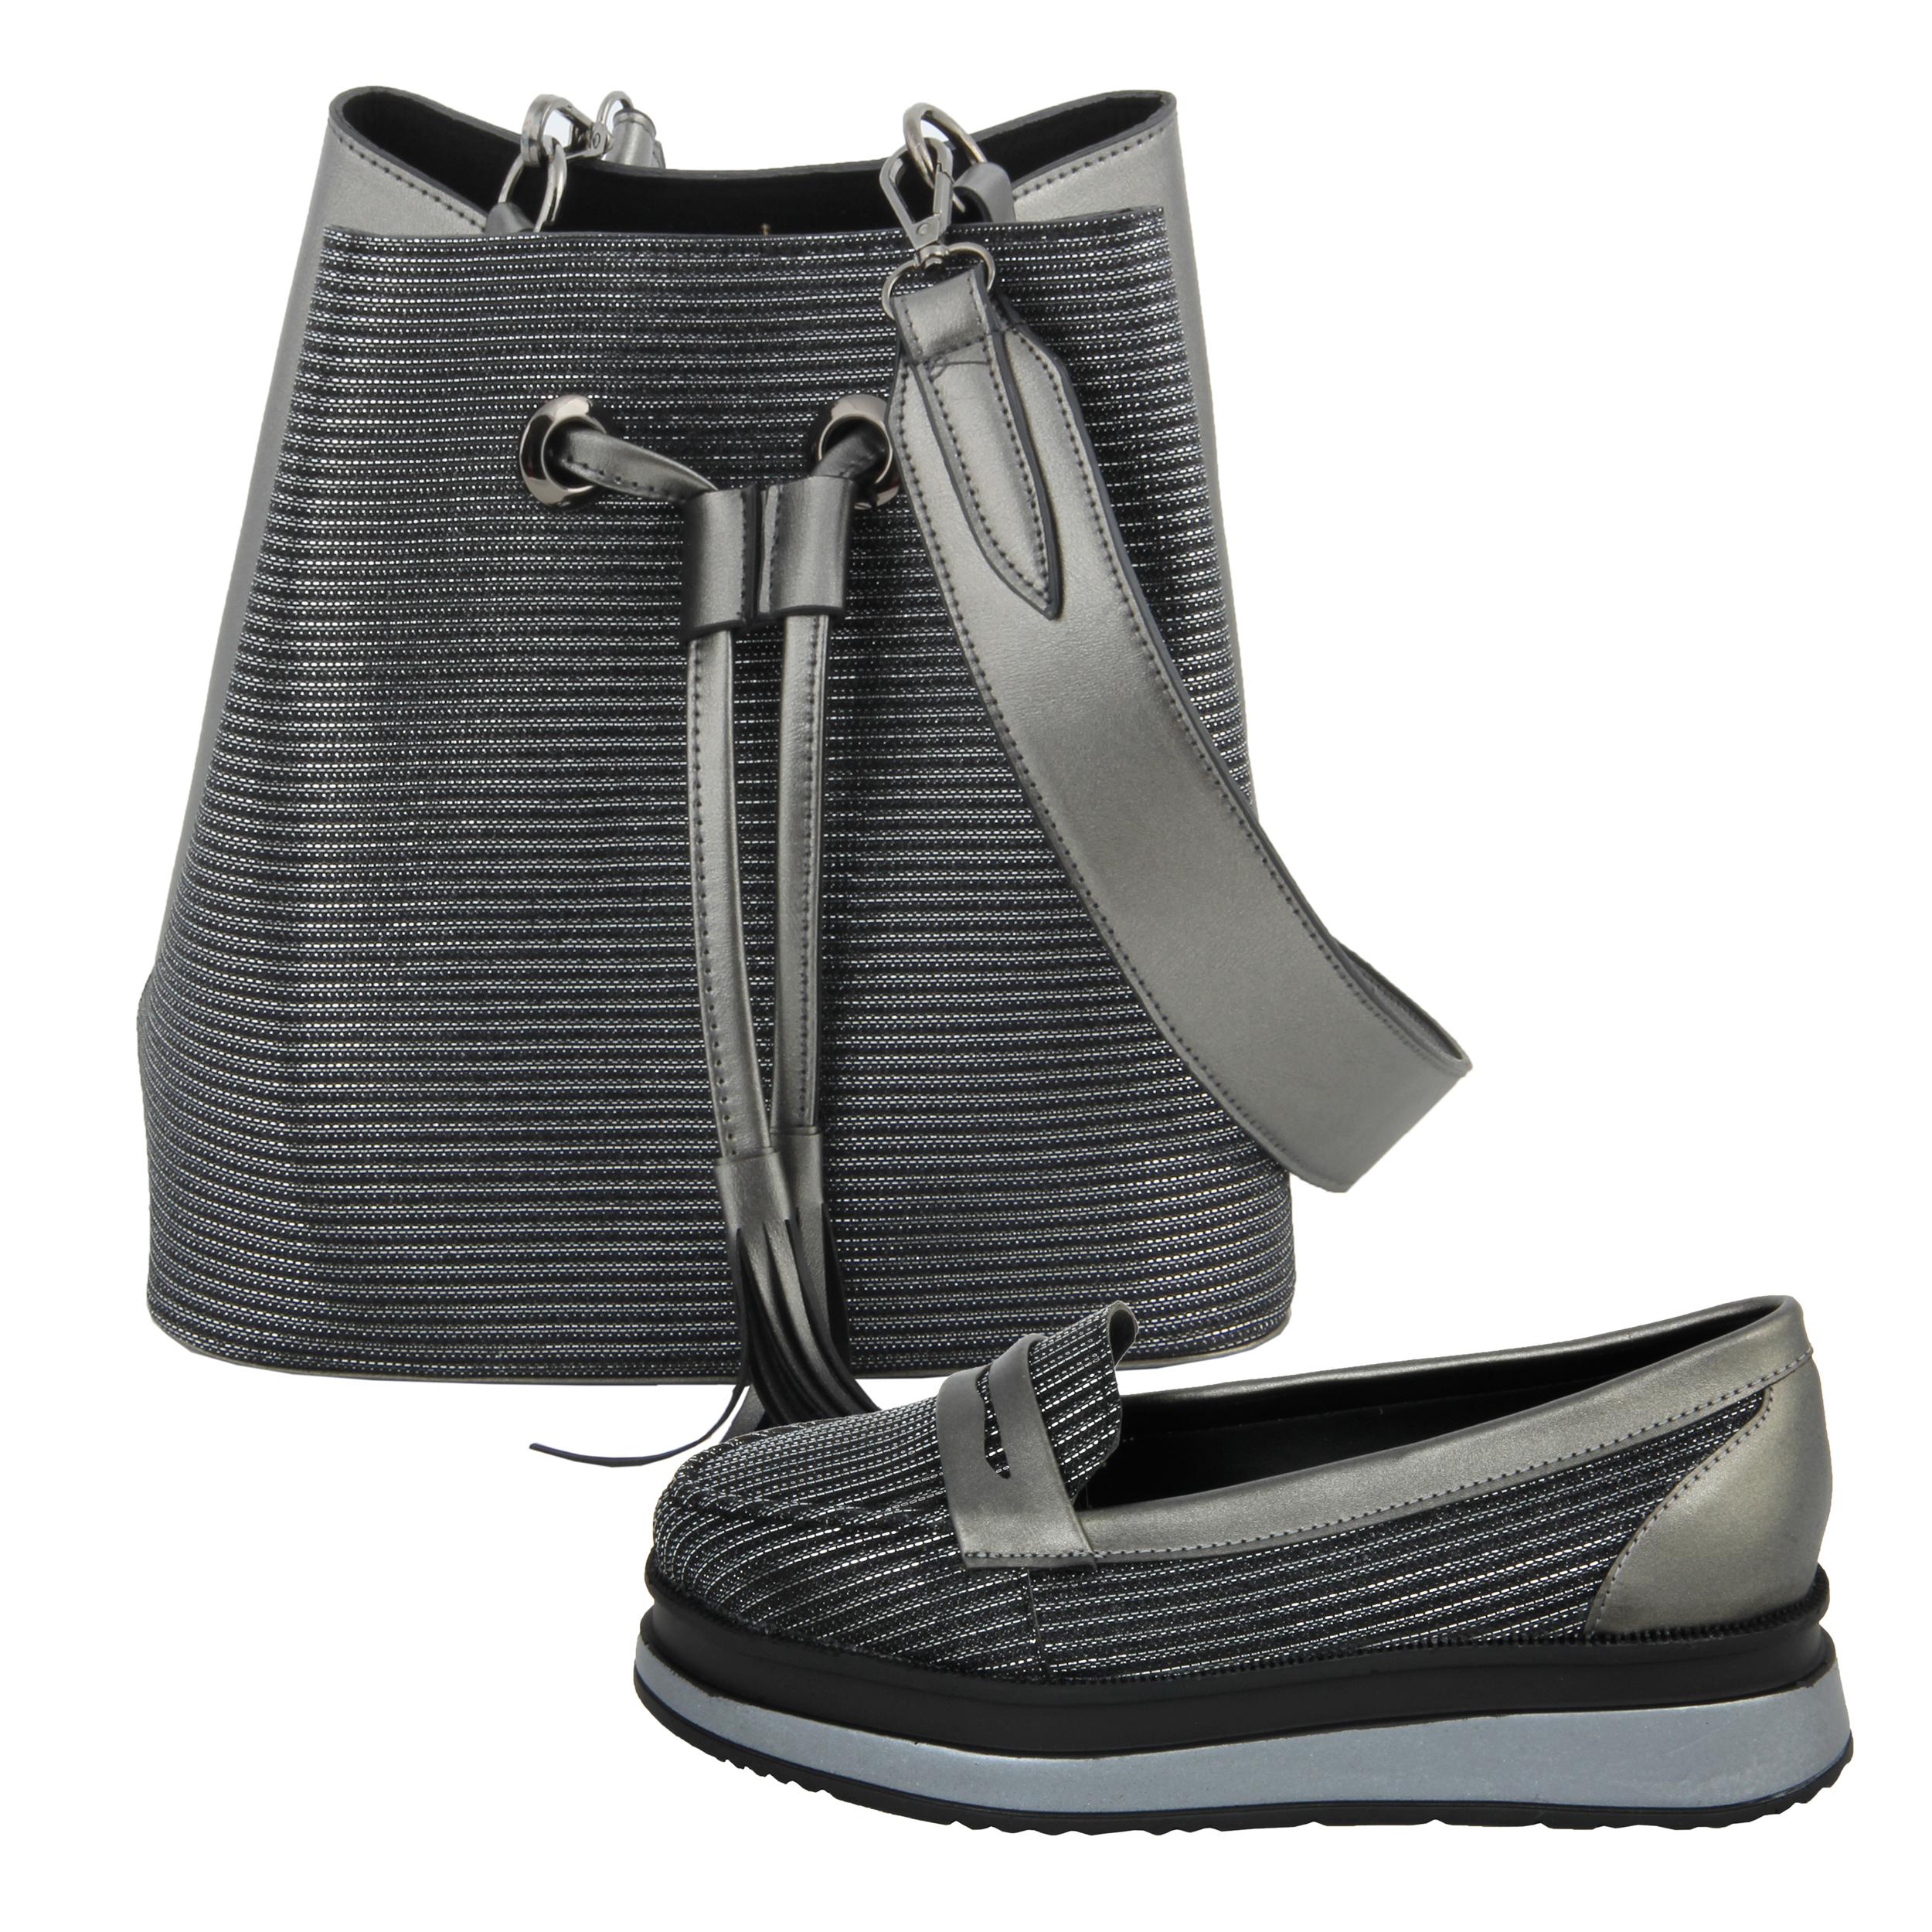 ست کیف و کفش نه کد st215